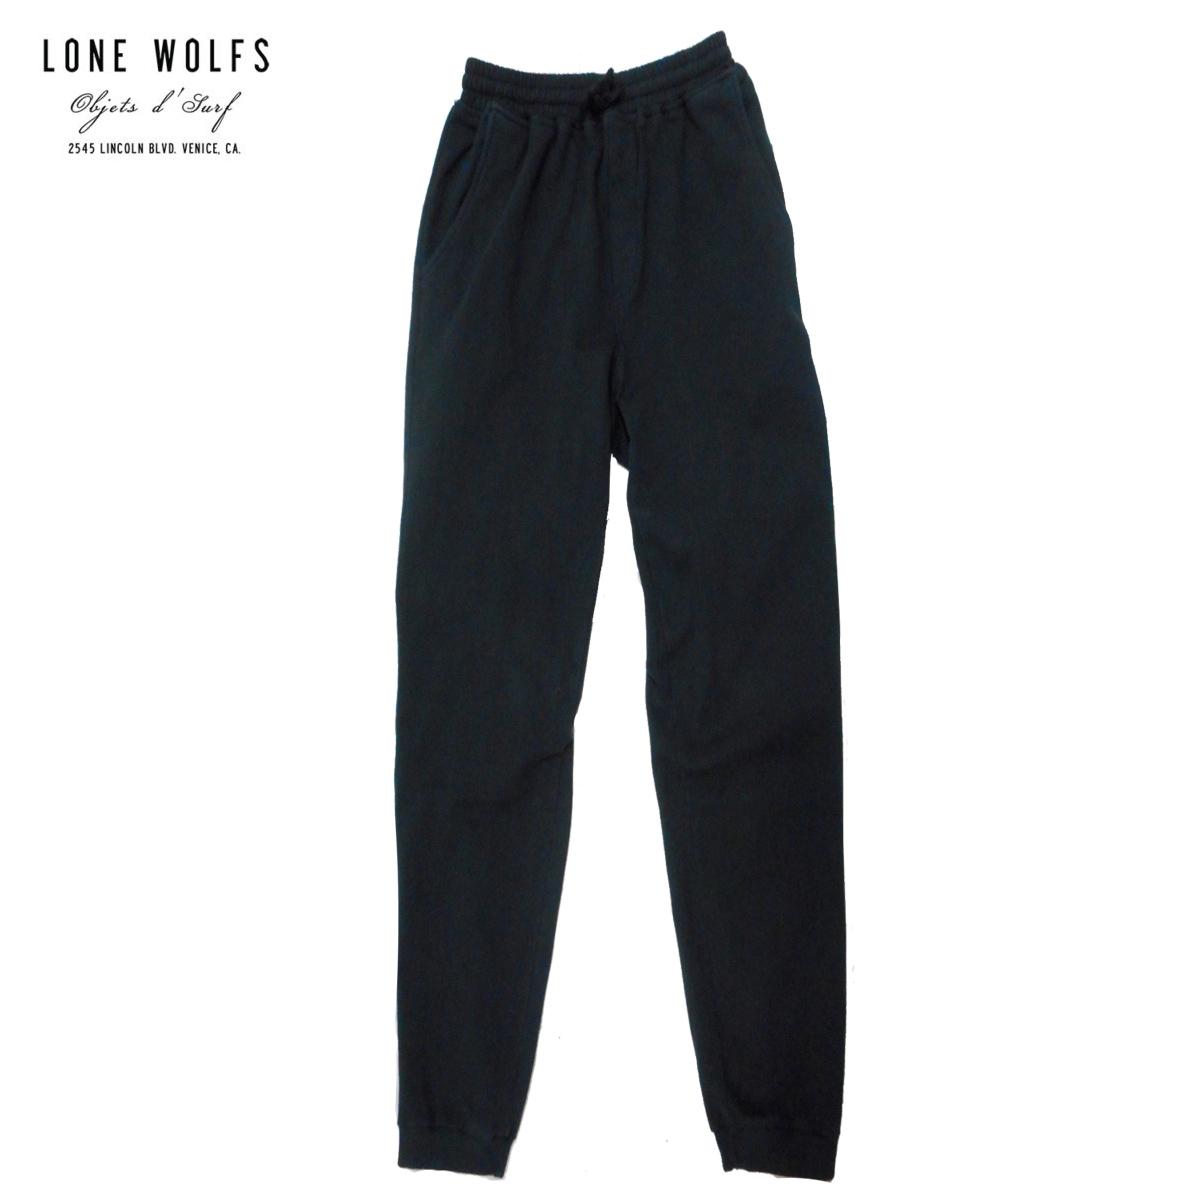 LONE WOLFS ローンウルフズ スエットパンツ メンズ ブラック S-L[スウェットパンツ パンツ 無地 シンプル ルームウェア おしゃれ アメリカ USA ブランド サーフ アメカジ サーフファッション サーフブランド 黒]